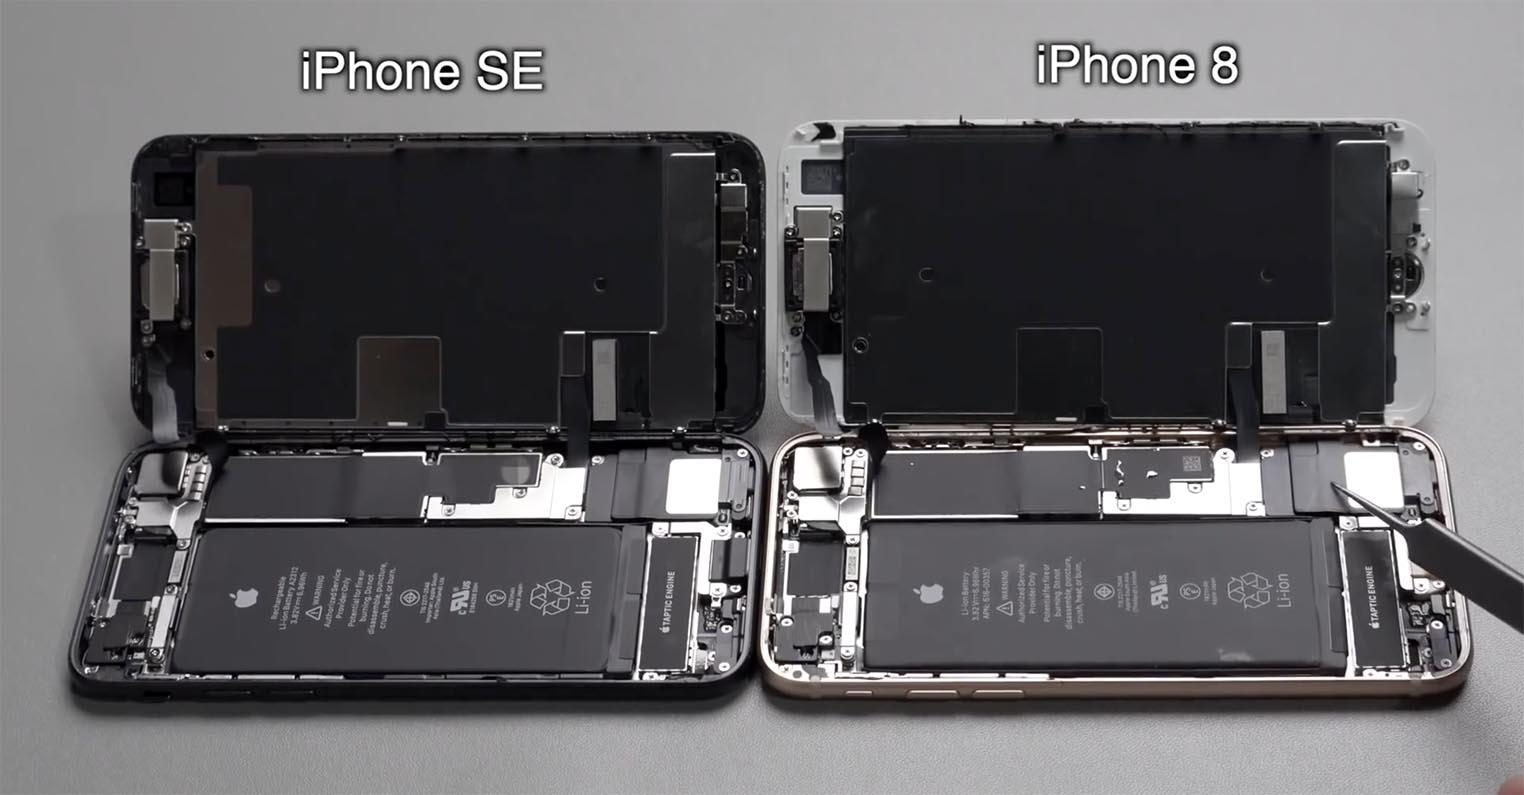 iPhone SE iPhone 8 comparaison composants